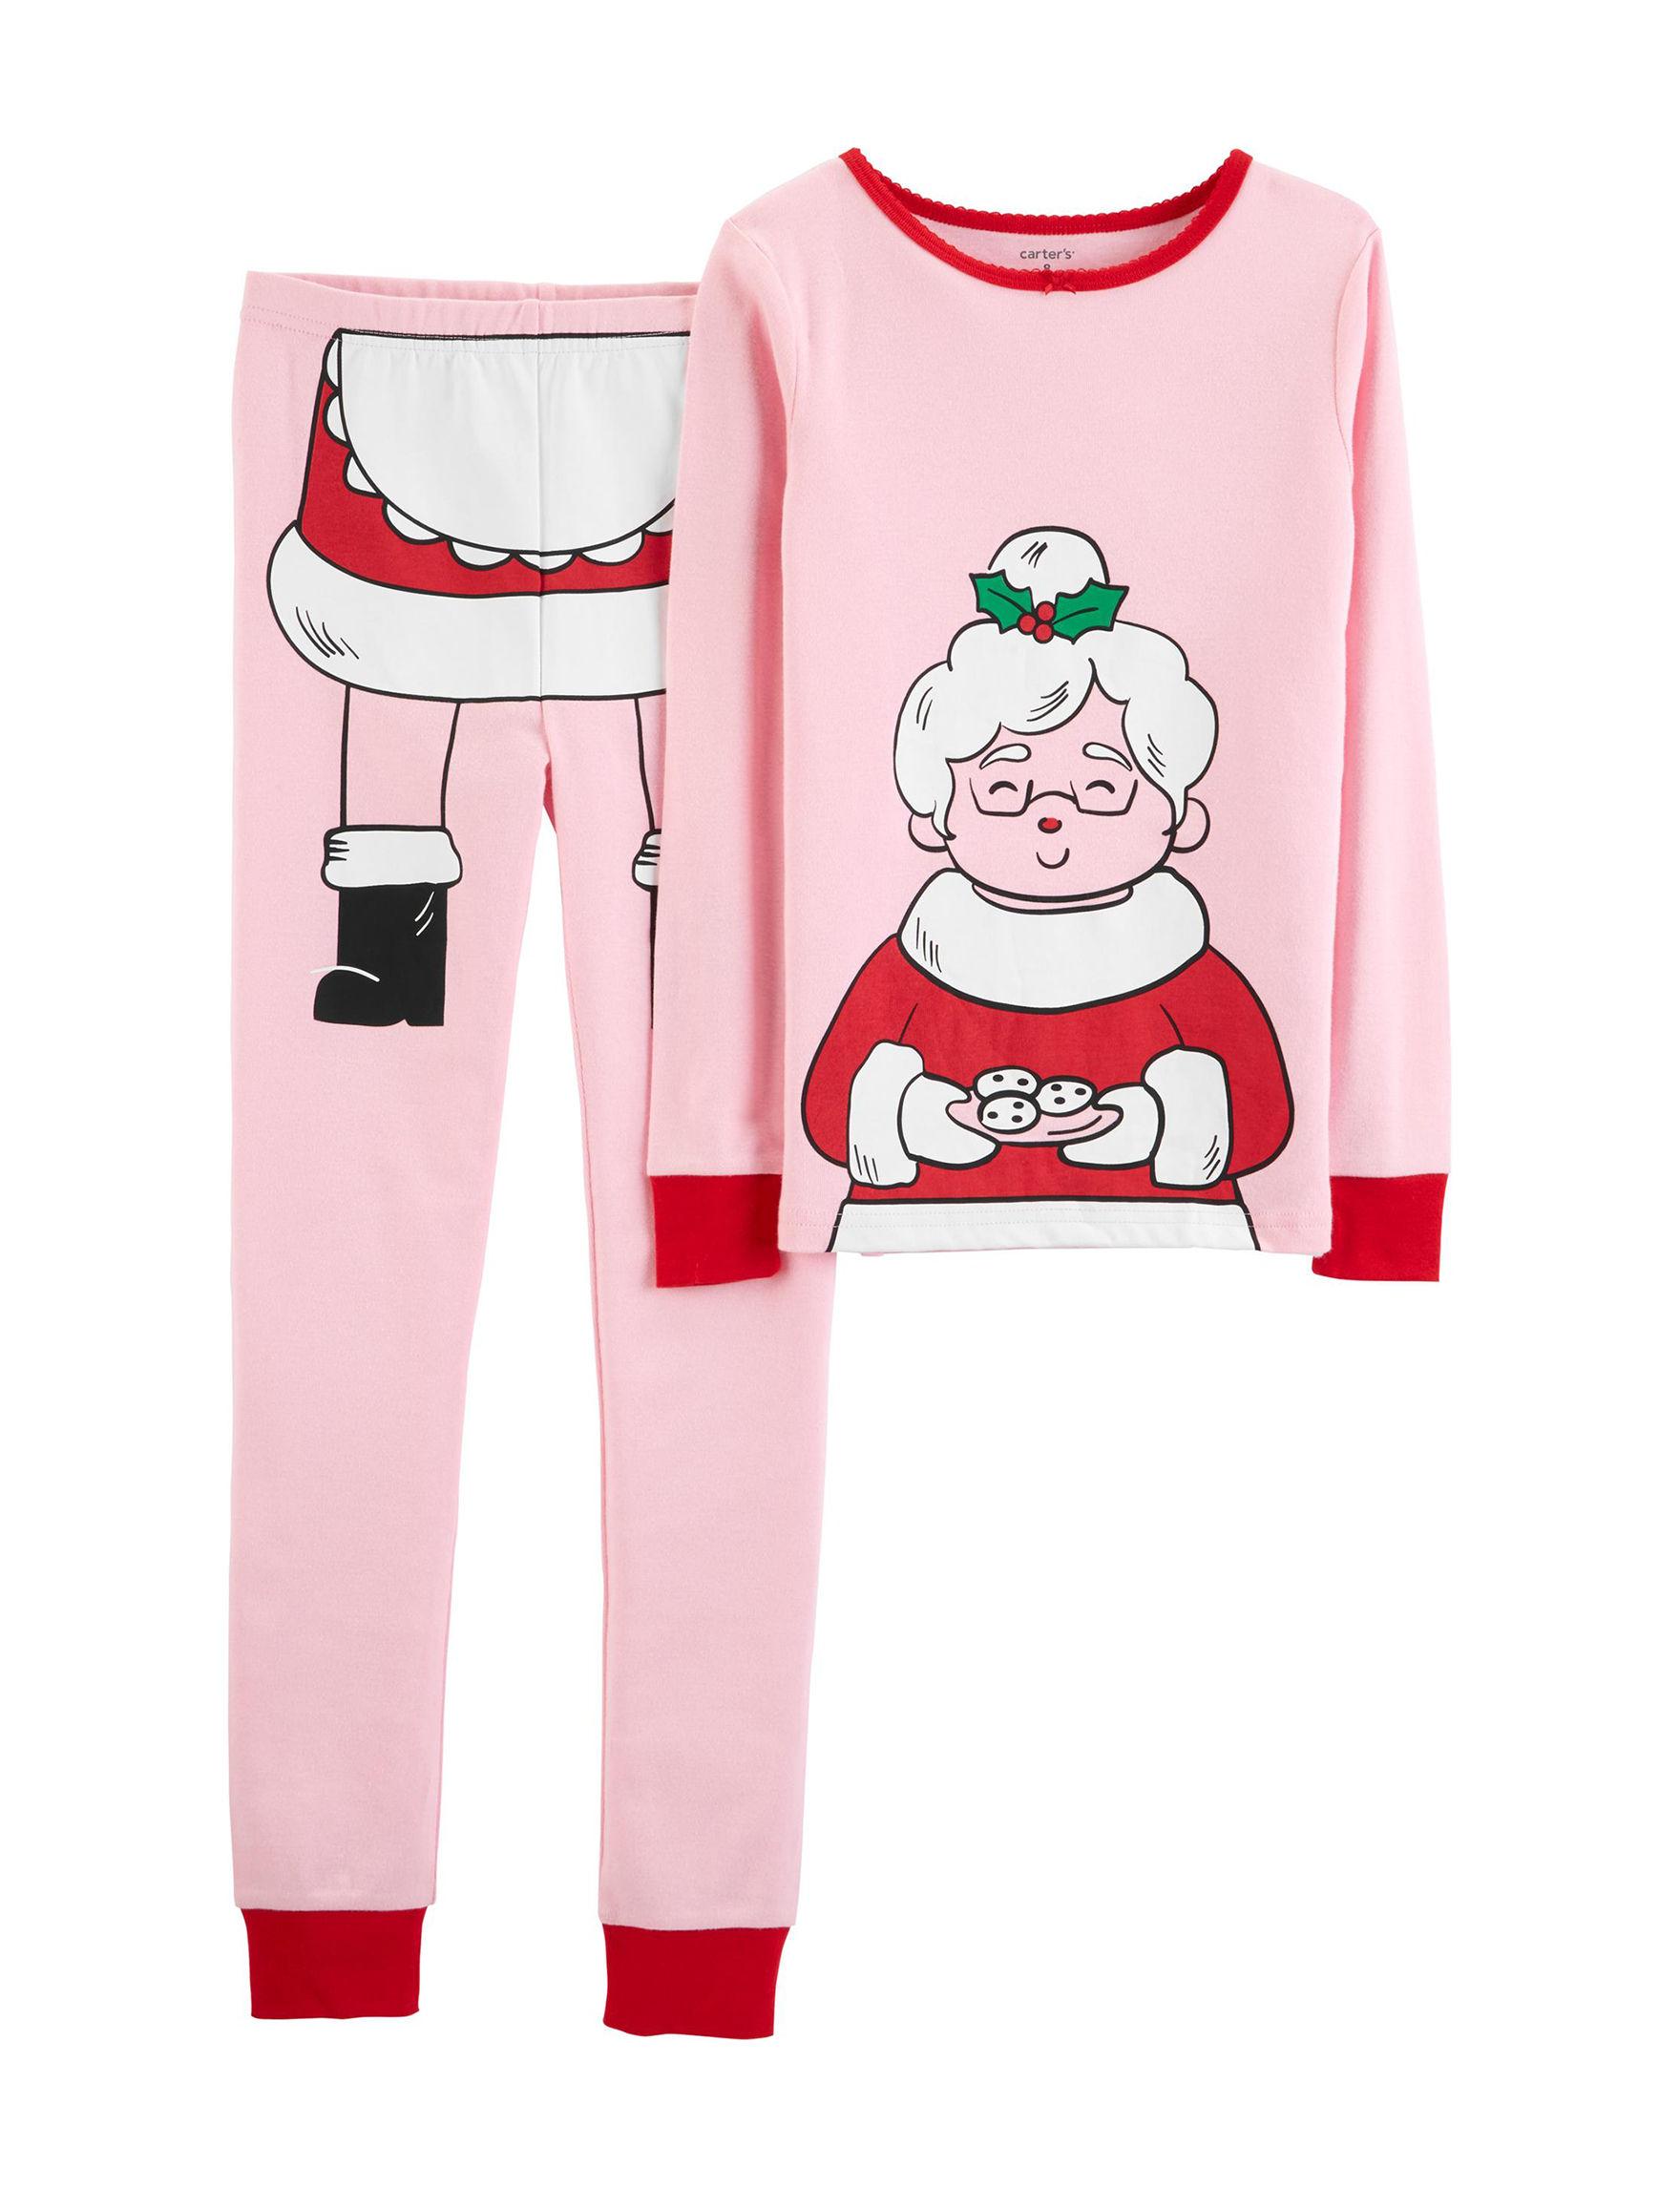 Carter's Pink Pajama Sets